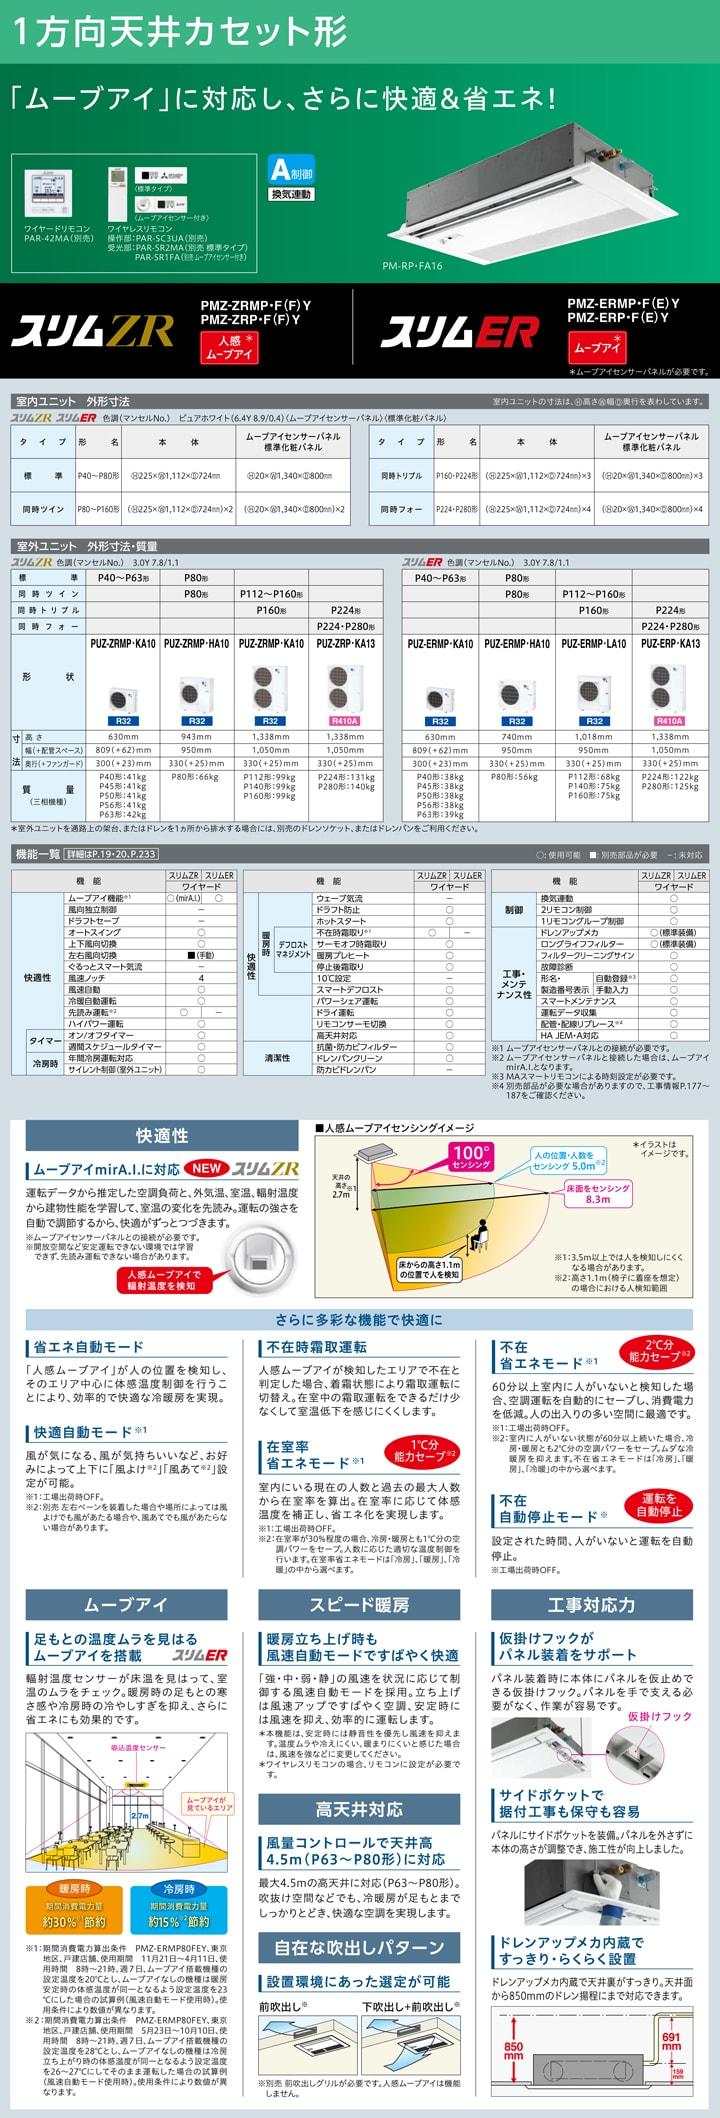 三菱電機 業務用エアコン PMZ-ZRMP50FY